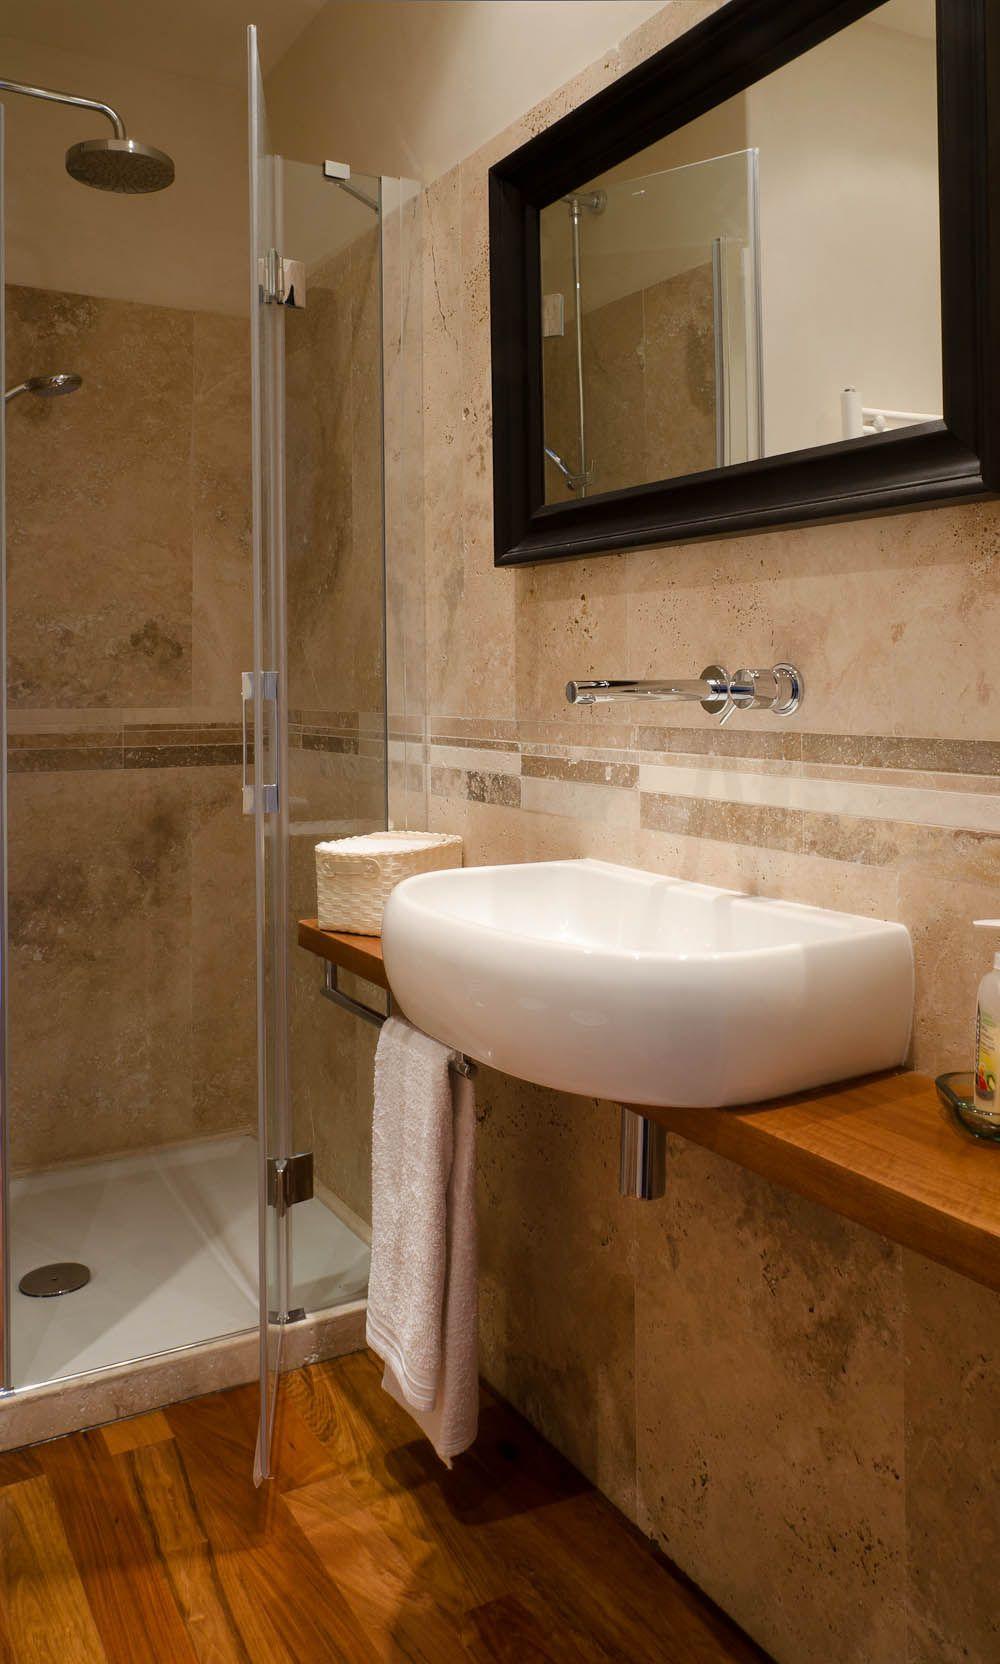 Bagno con rivestimento in travertino e pavimento in legno - Bagno rivestimento pietra ...